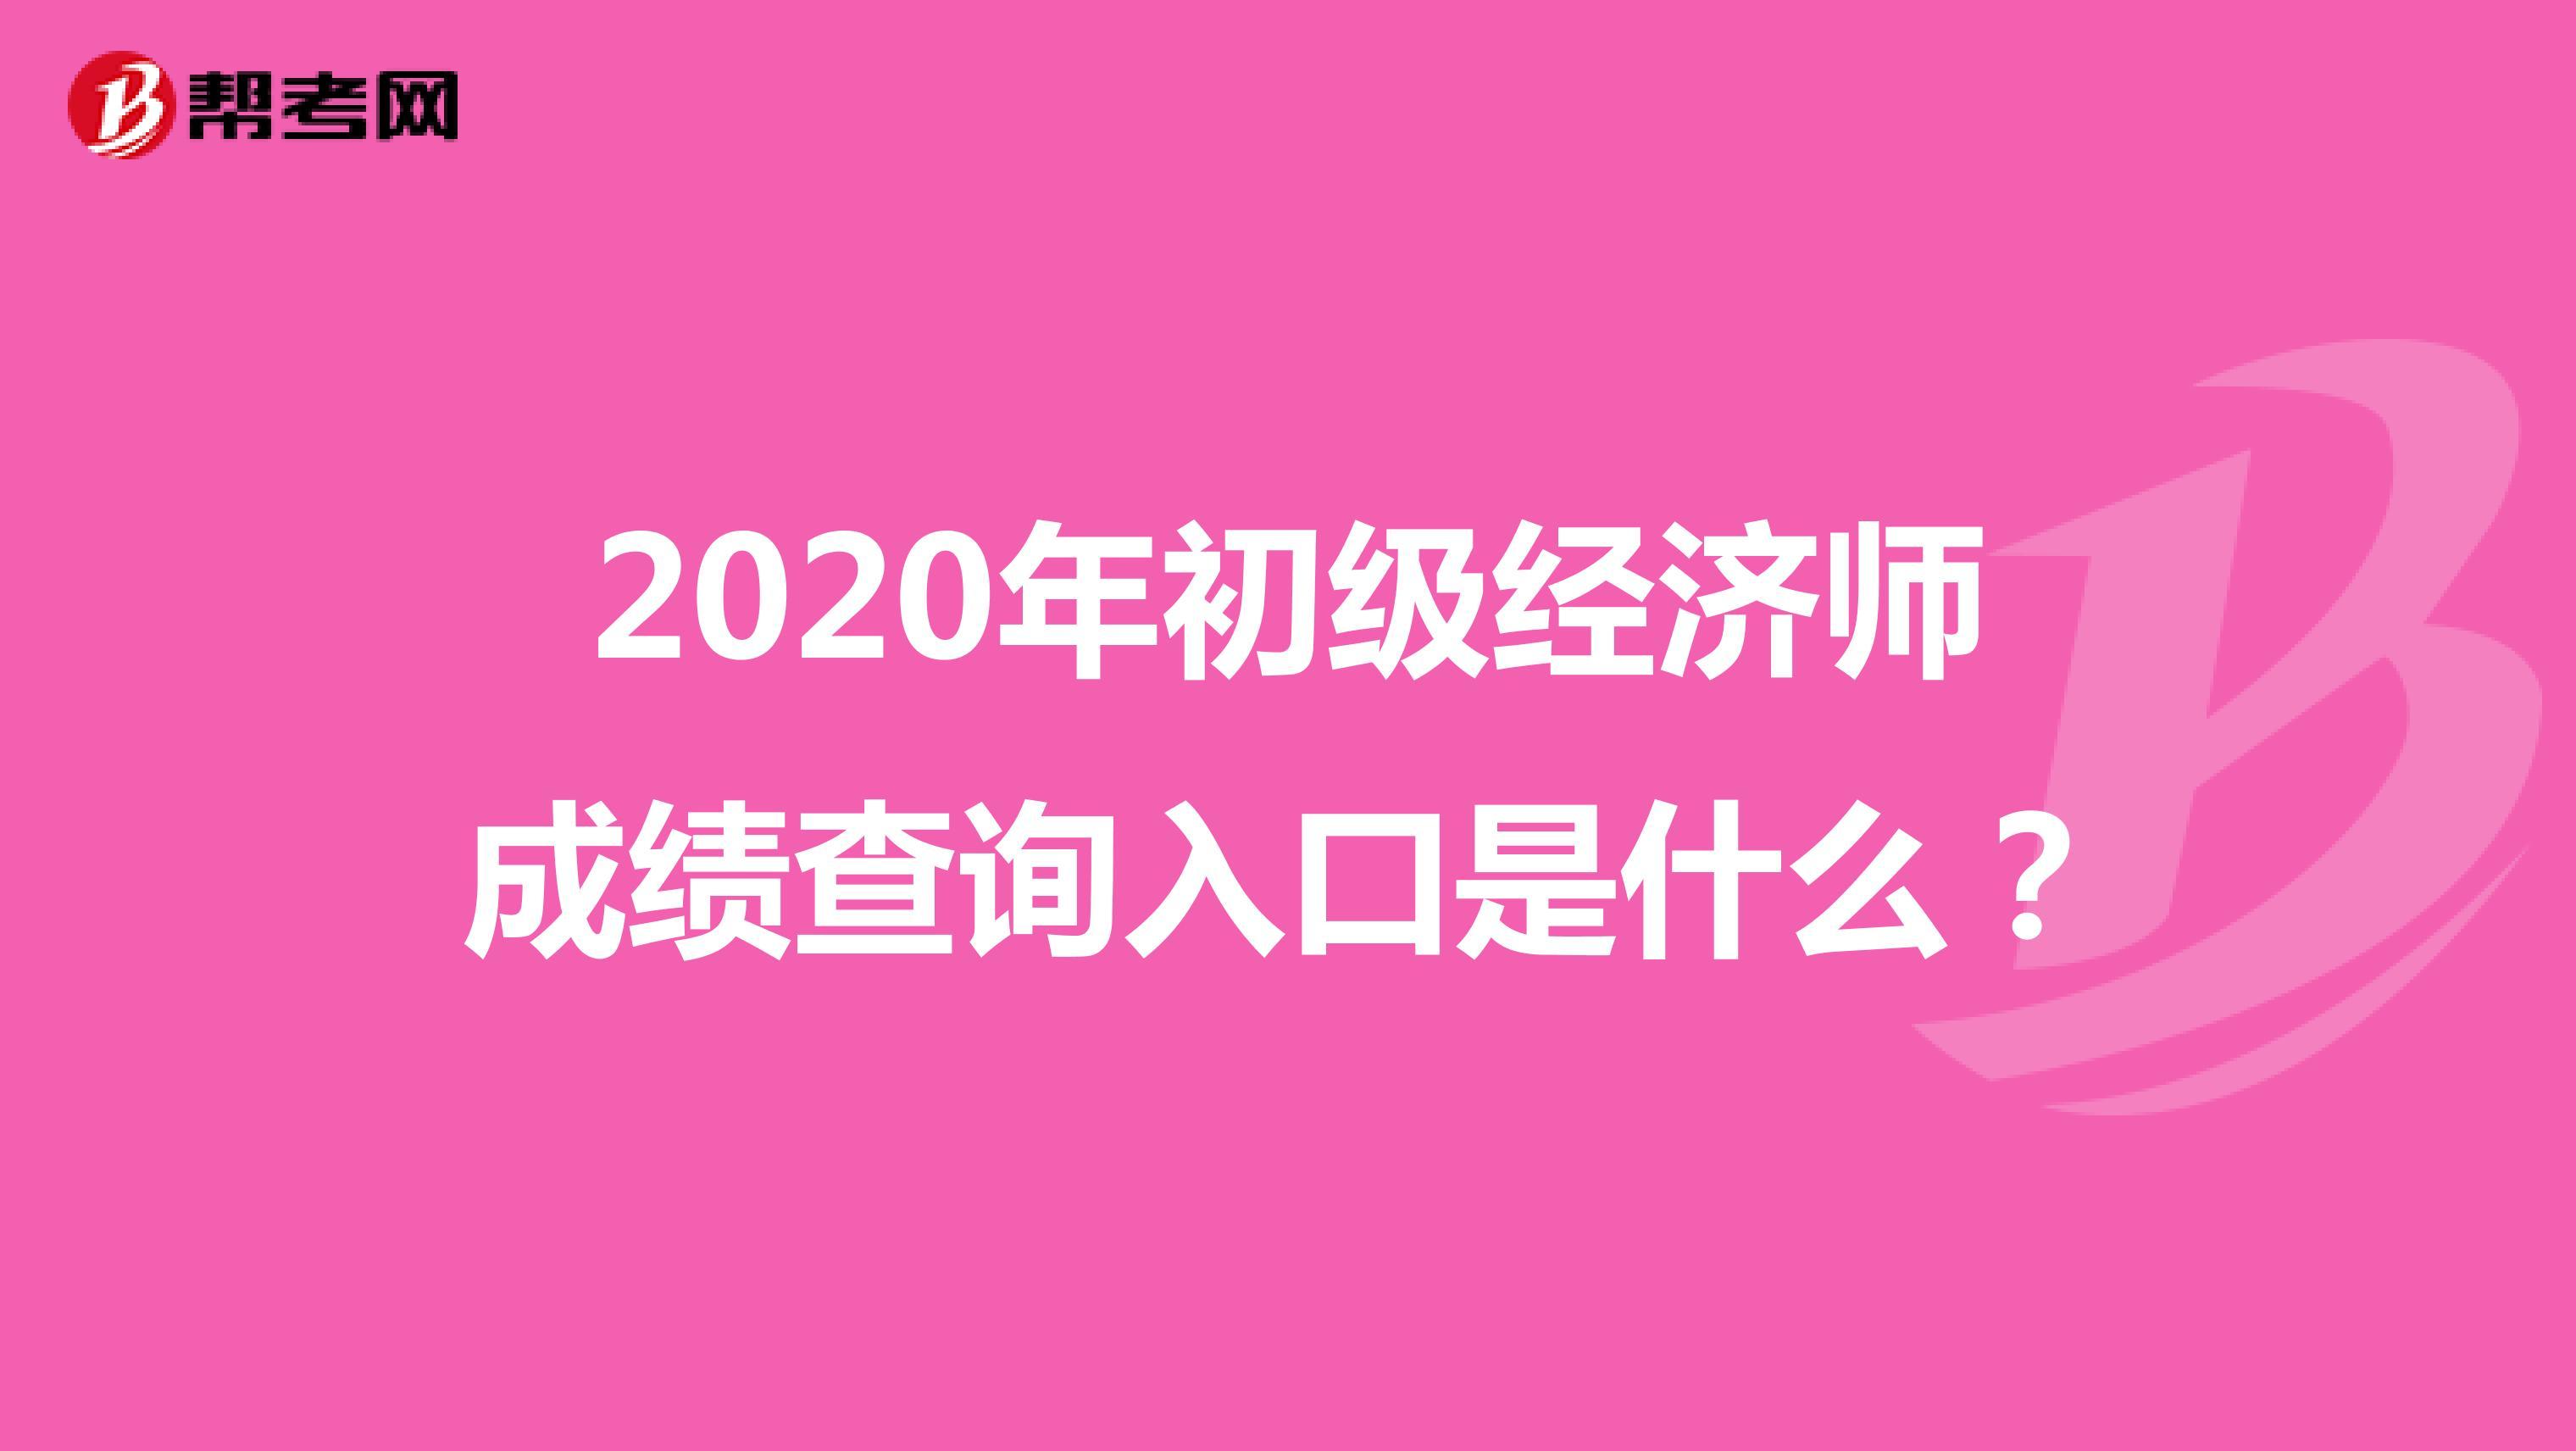 2020年初級經濟師成績查詢入口是什么?